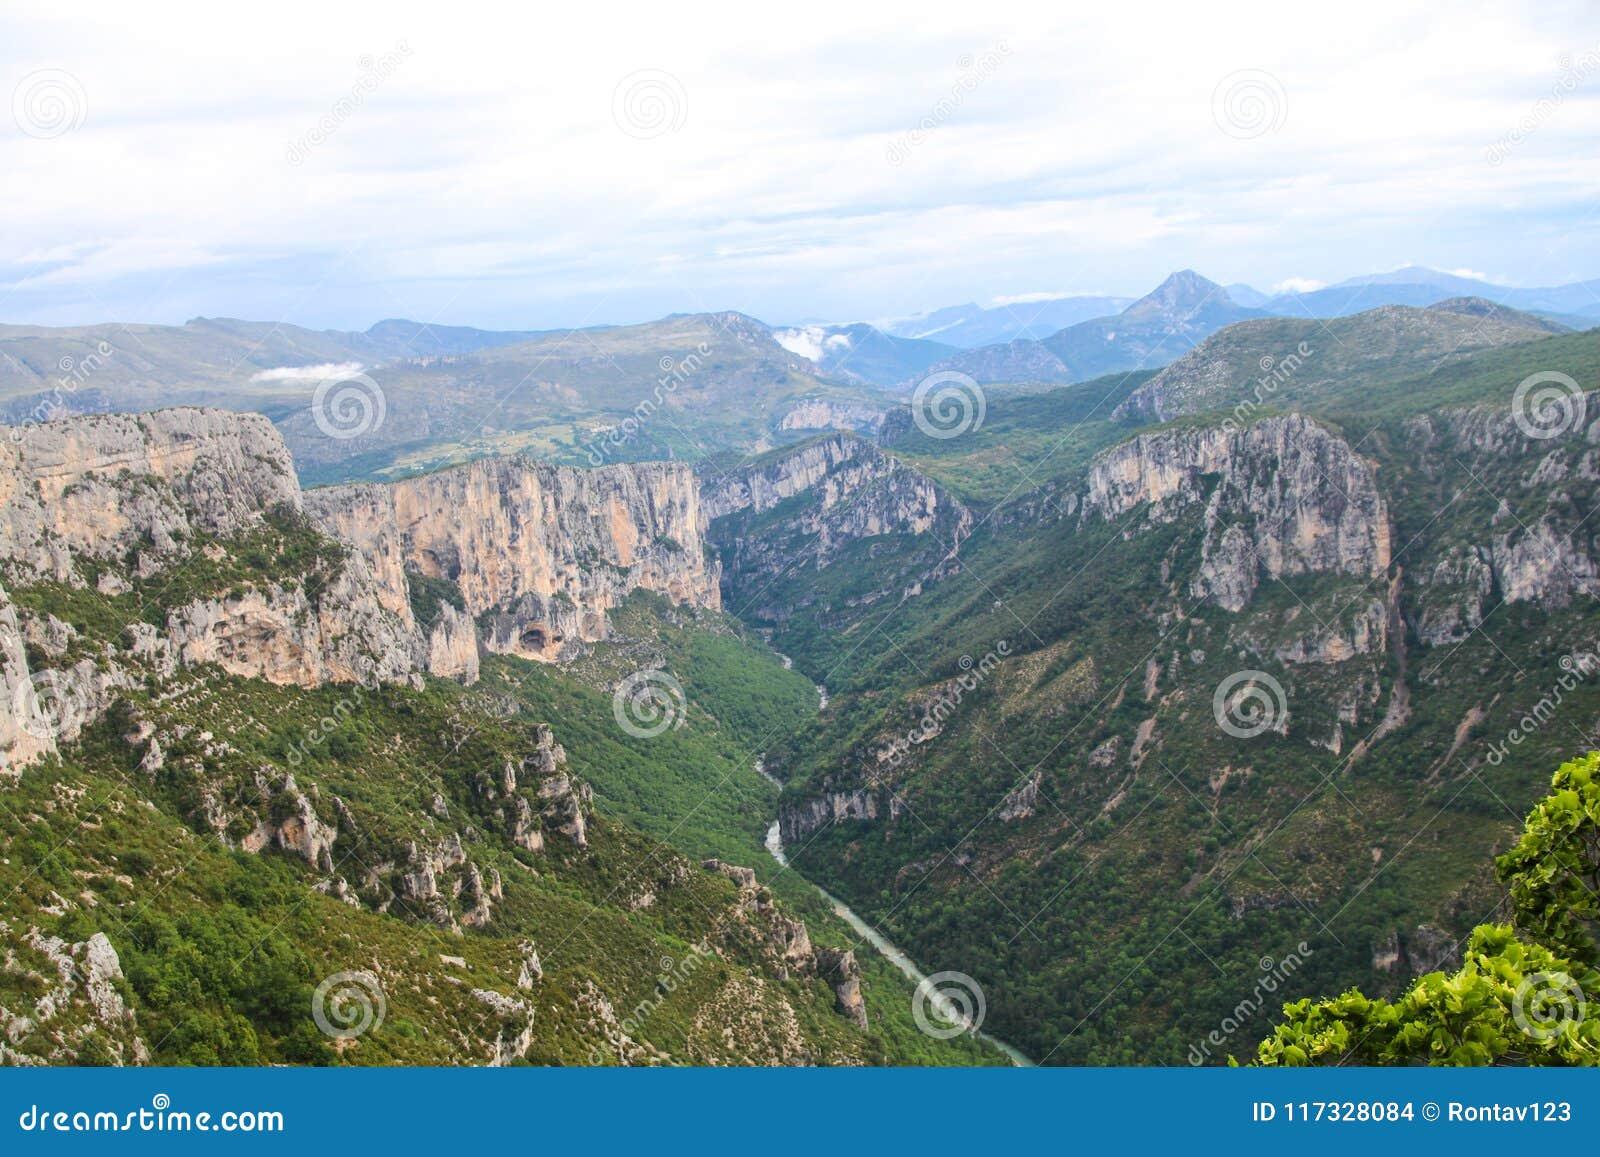 维登峡谷法语:Gorges du维登,南法国